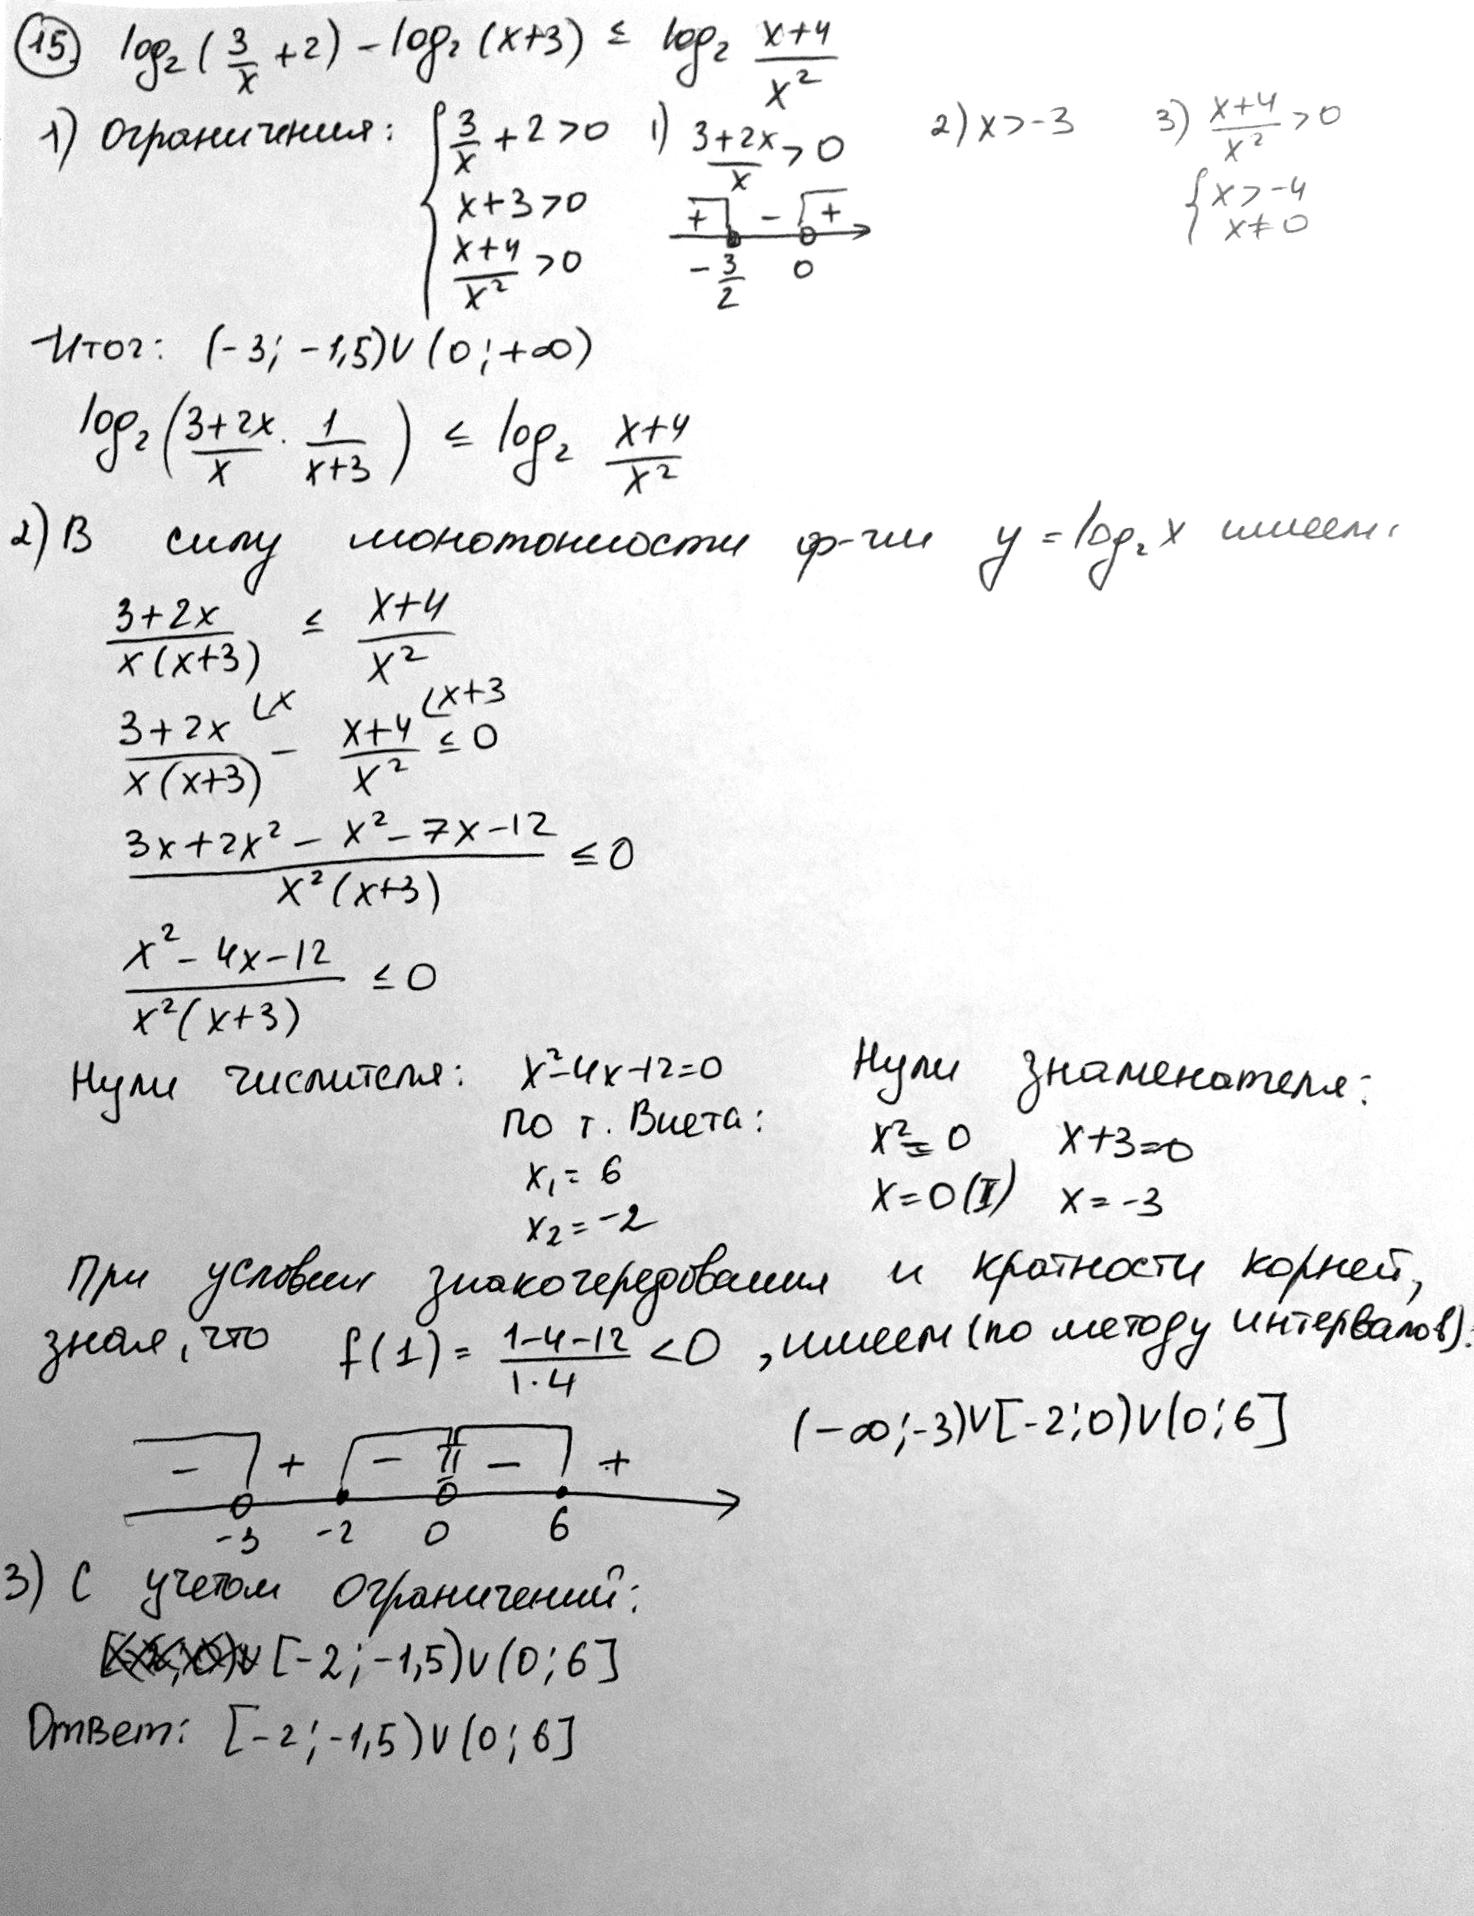 Егэ 11 класс по алгебре решения задач реши задачу разными способами три